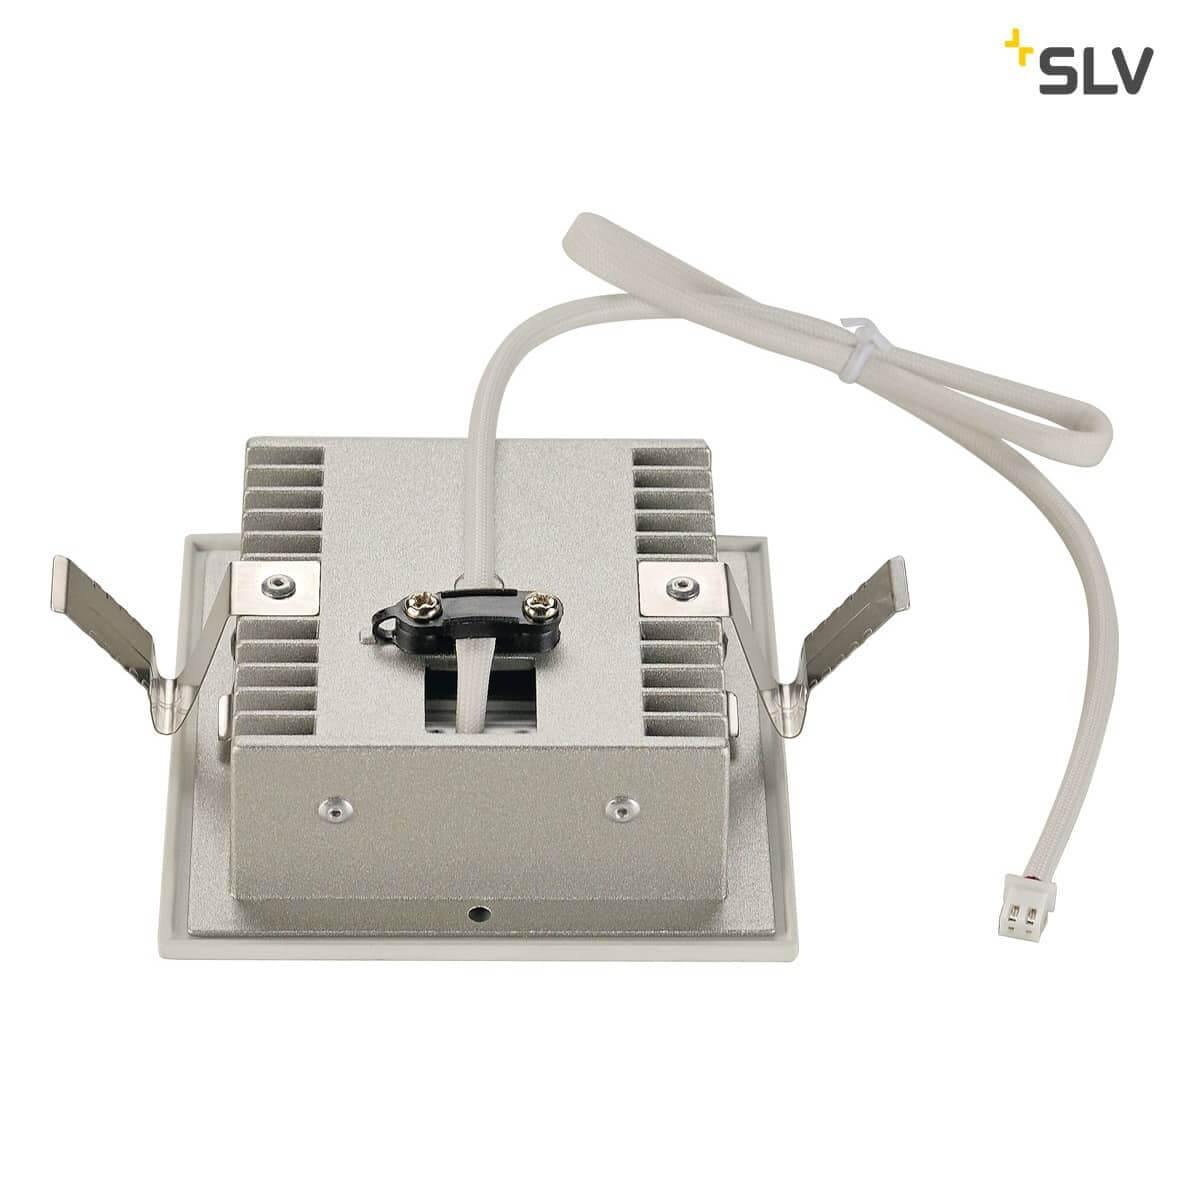 SLV 9 FRAME CURVE LED Einbauleuchte eckig mattweiss warmweisse